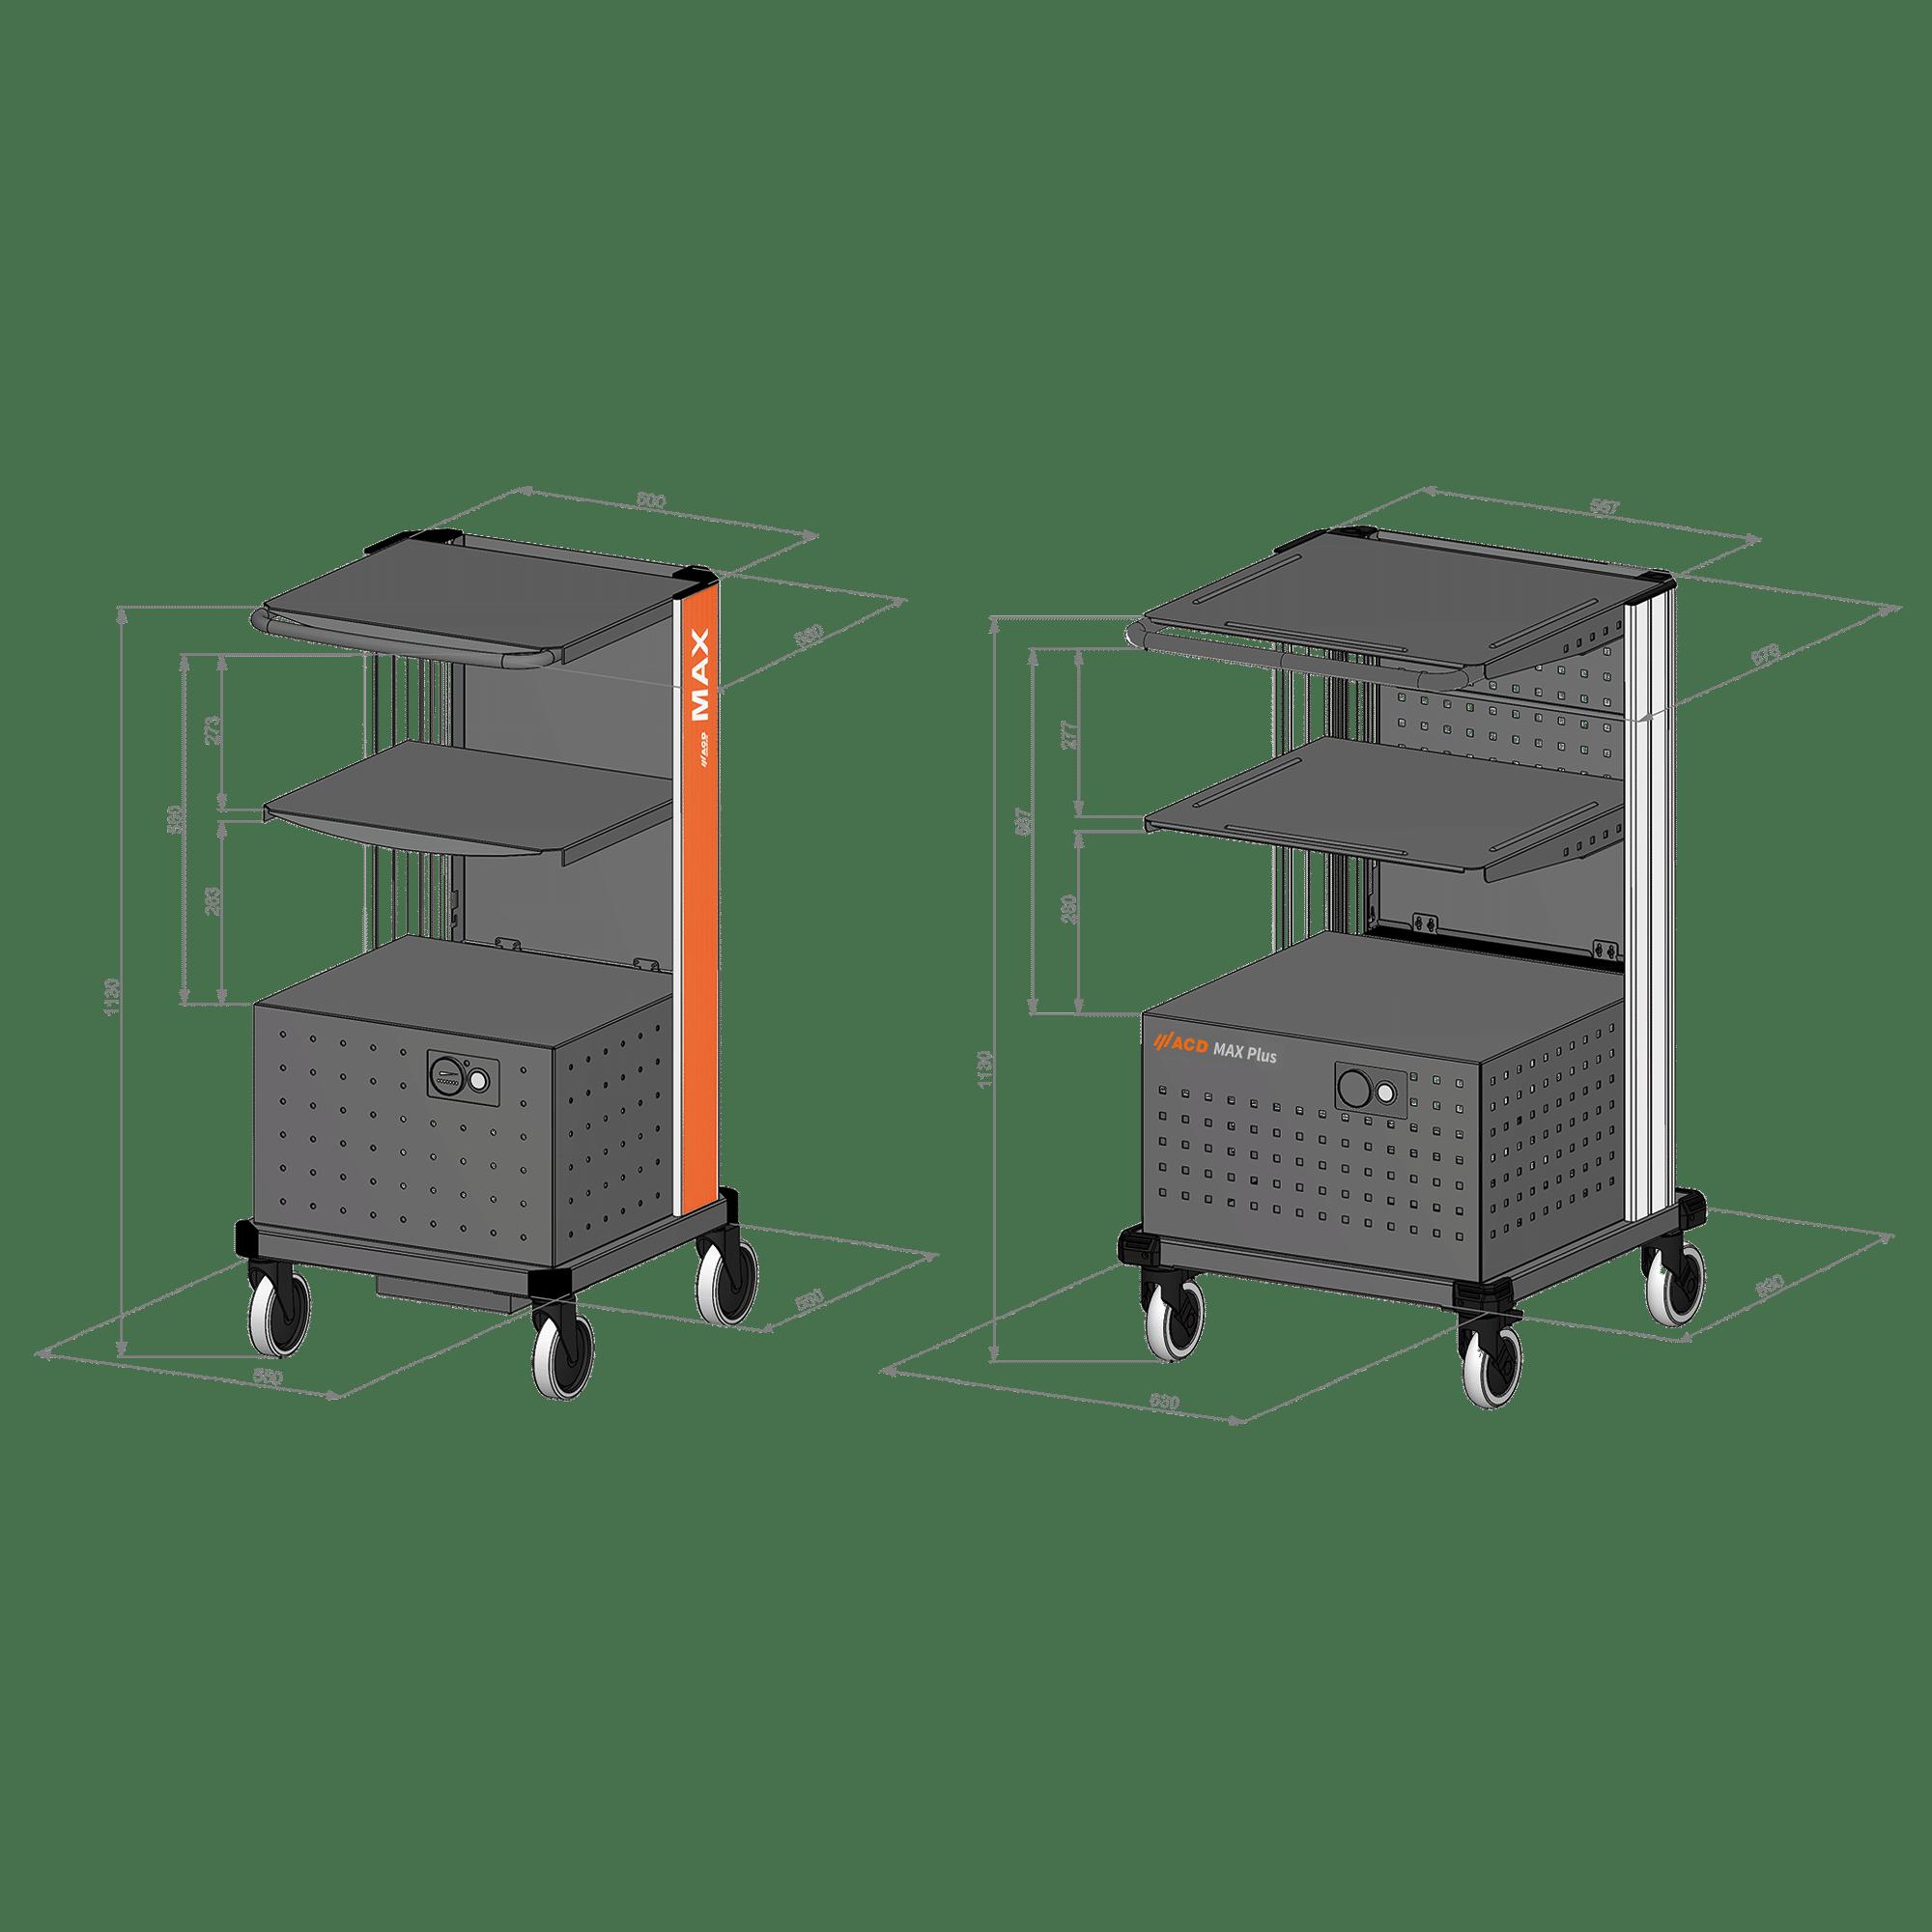 Estacion movile MAX PLUS vs MAX STD